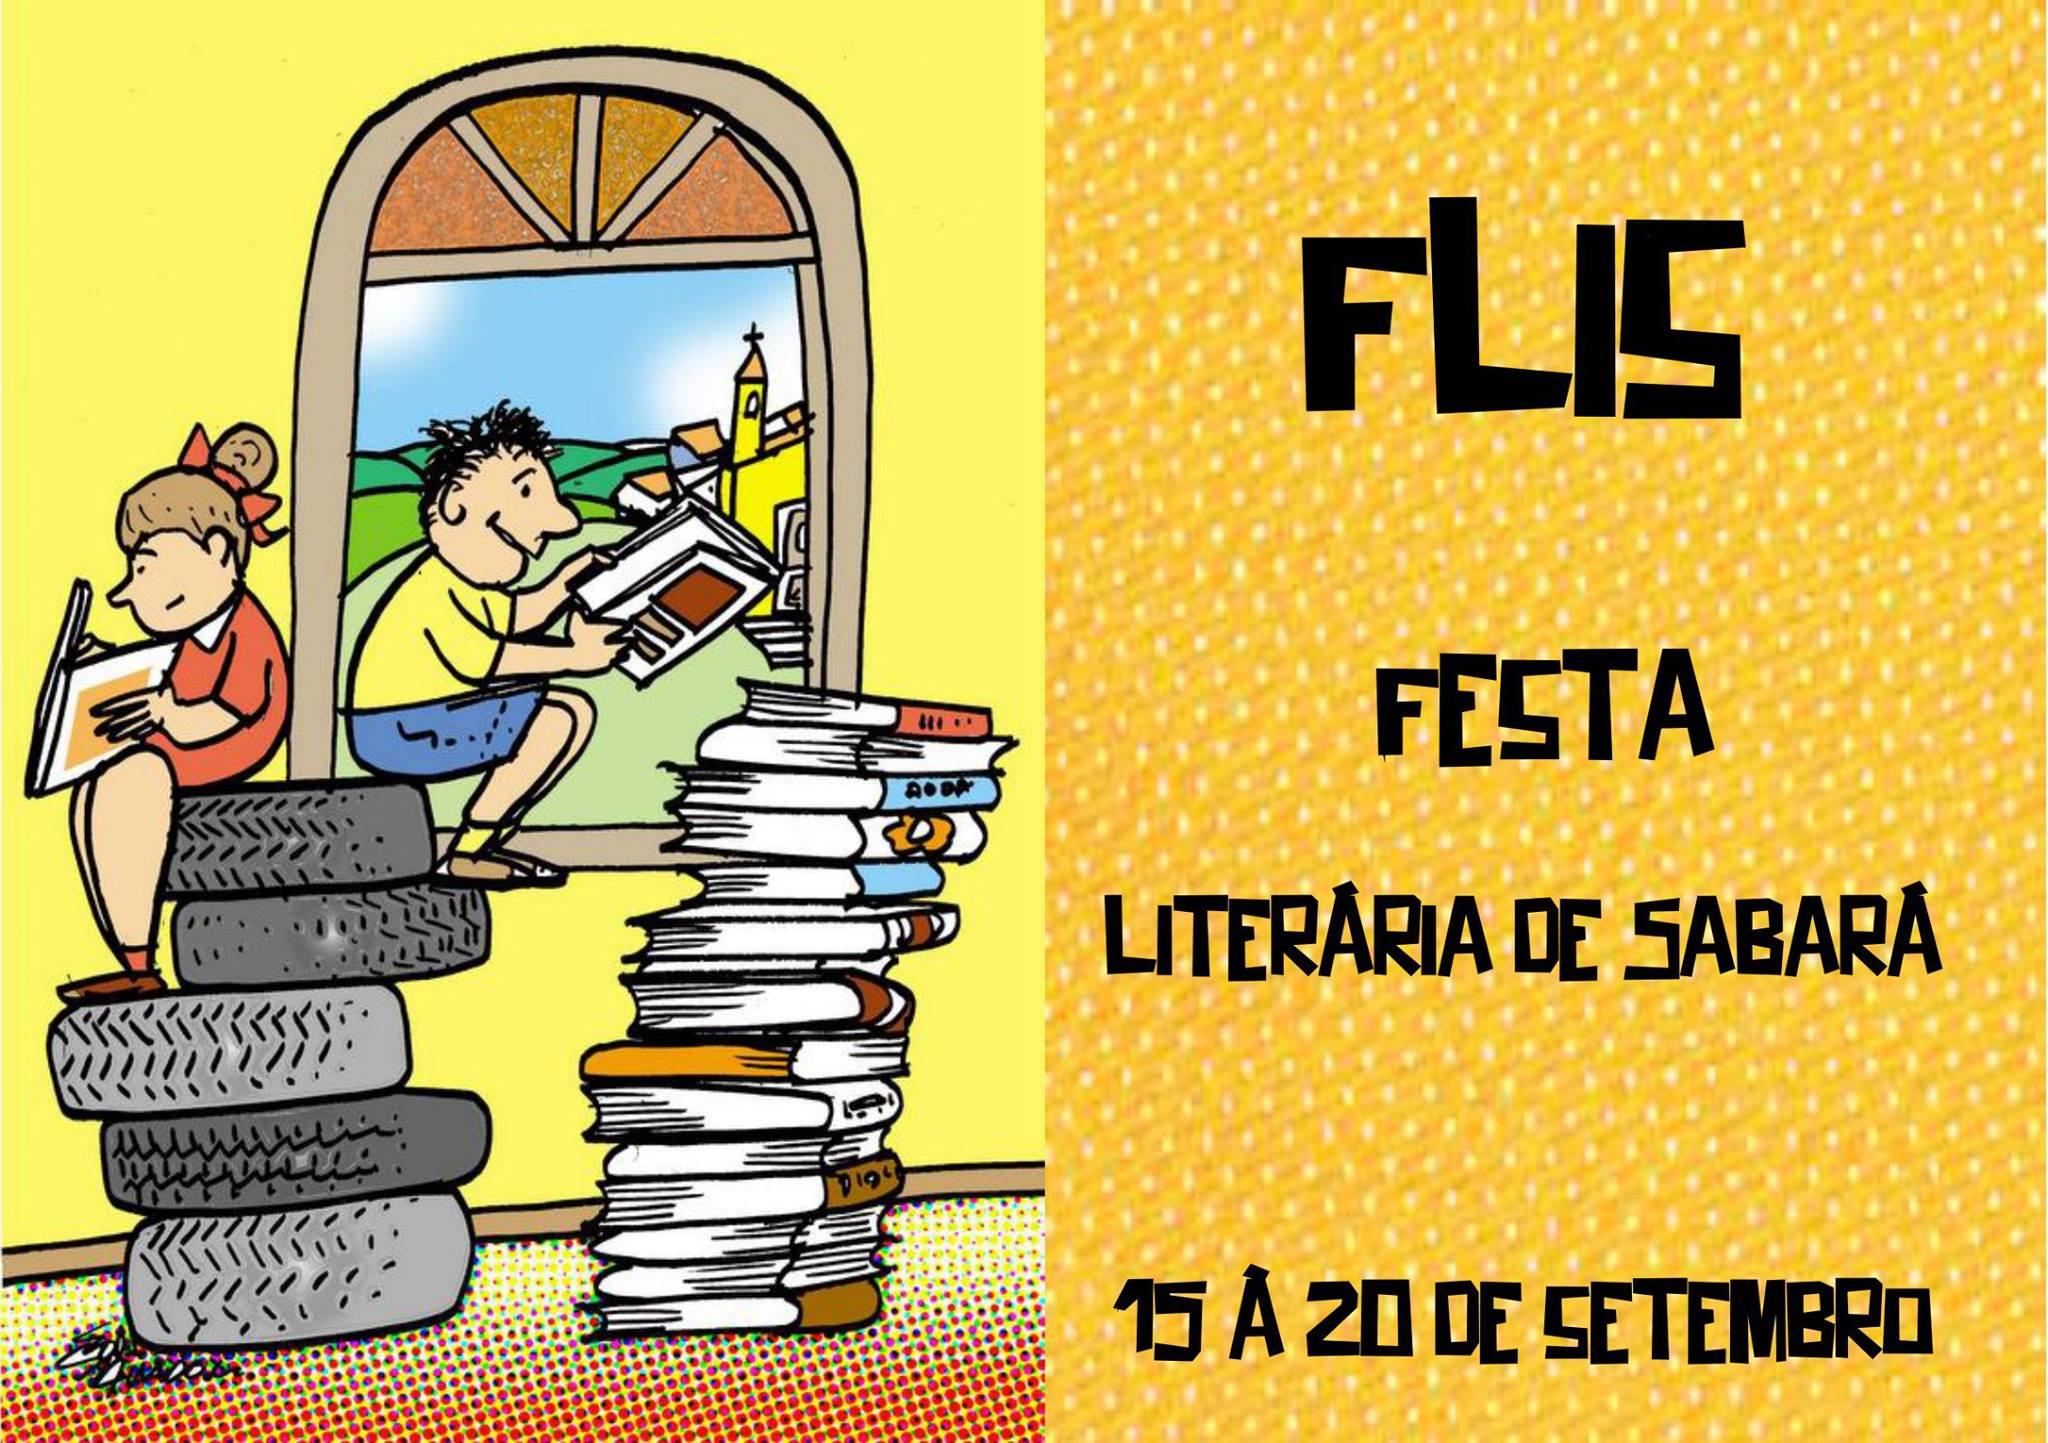 1ª Festa Literária de Sabará